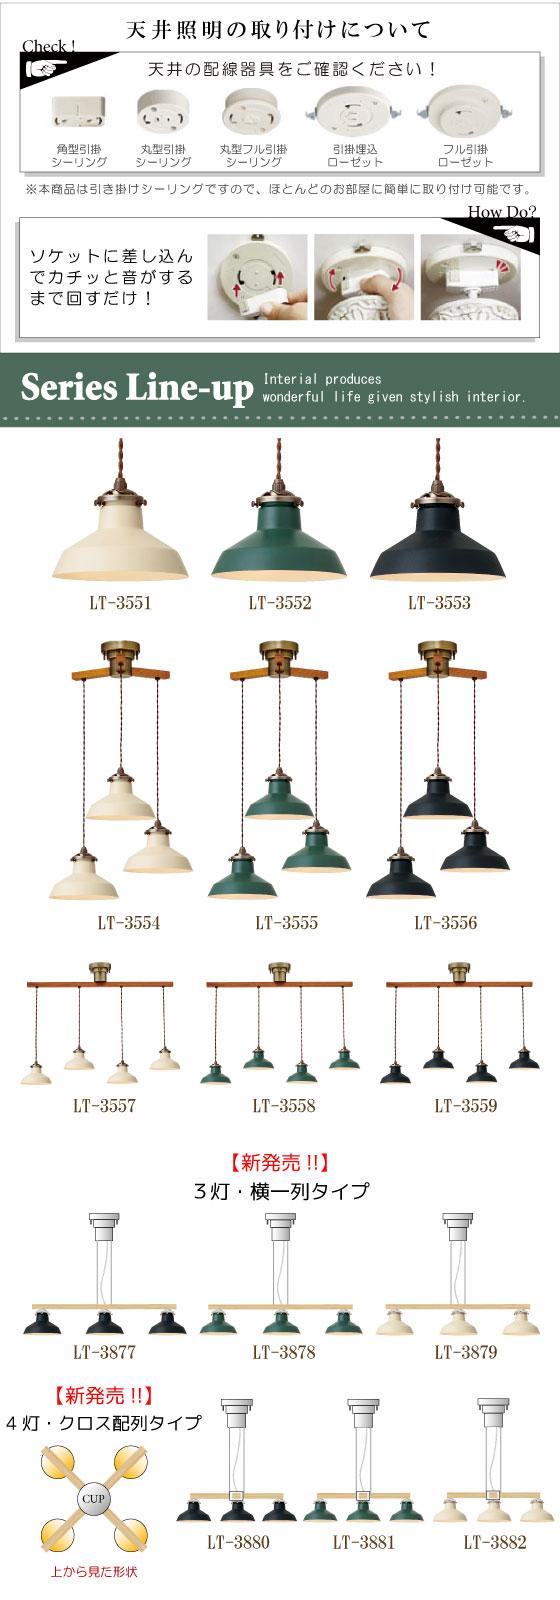 レトロデザイン・スチールペンダントランプ(4灯)LED電球&ECO球使用可能